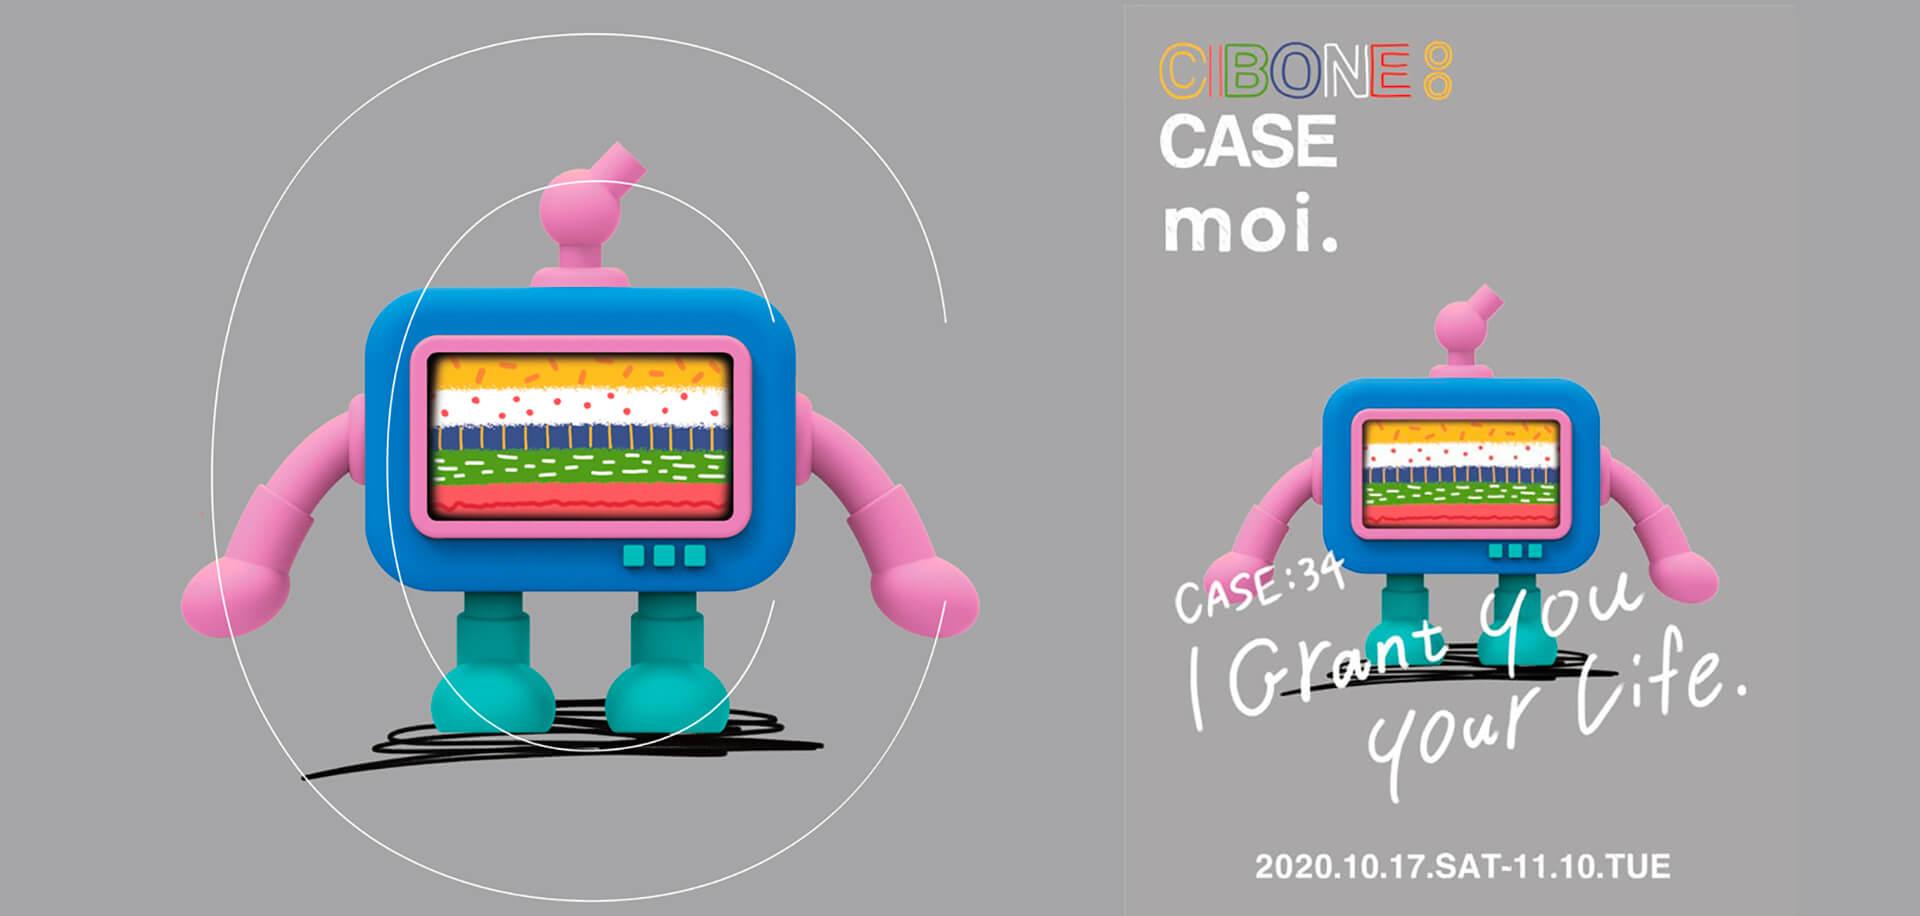 アニメクリエイター「moi.」の作品展